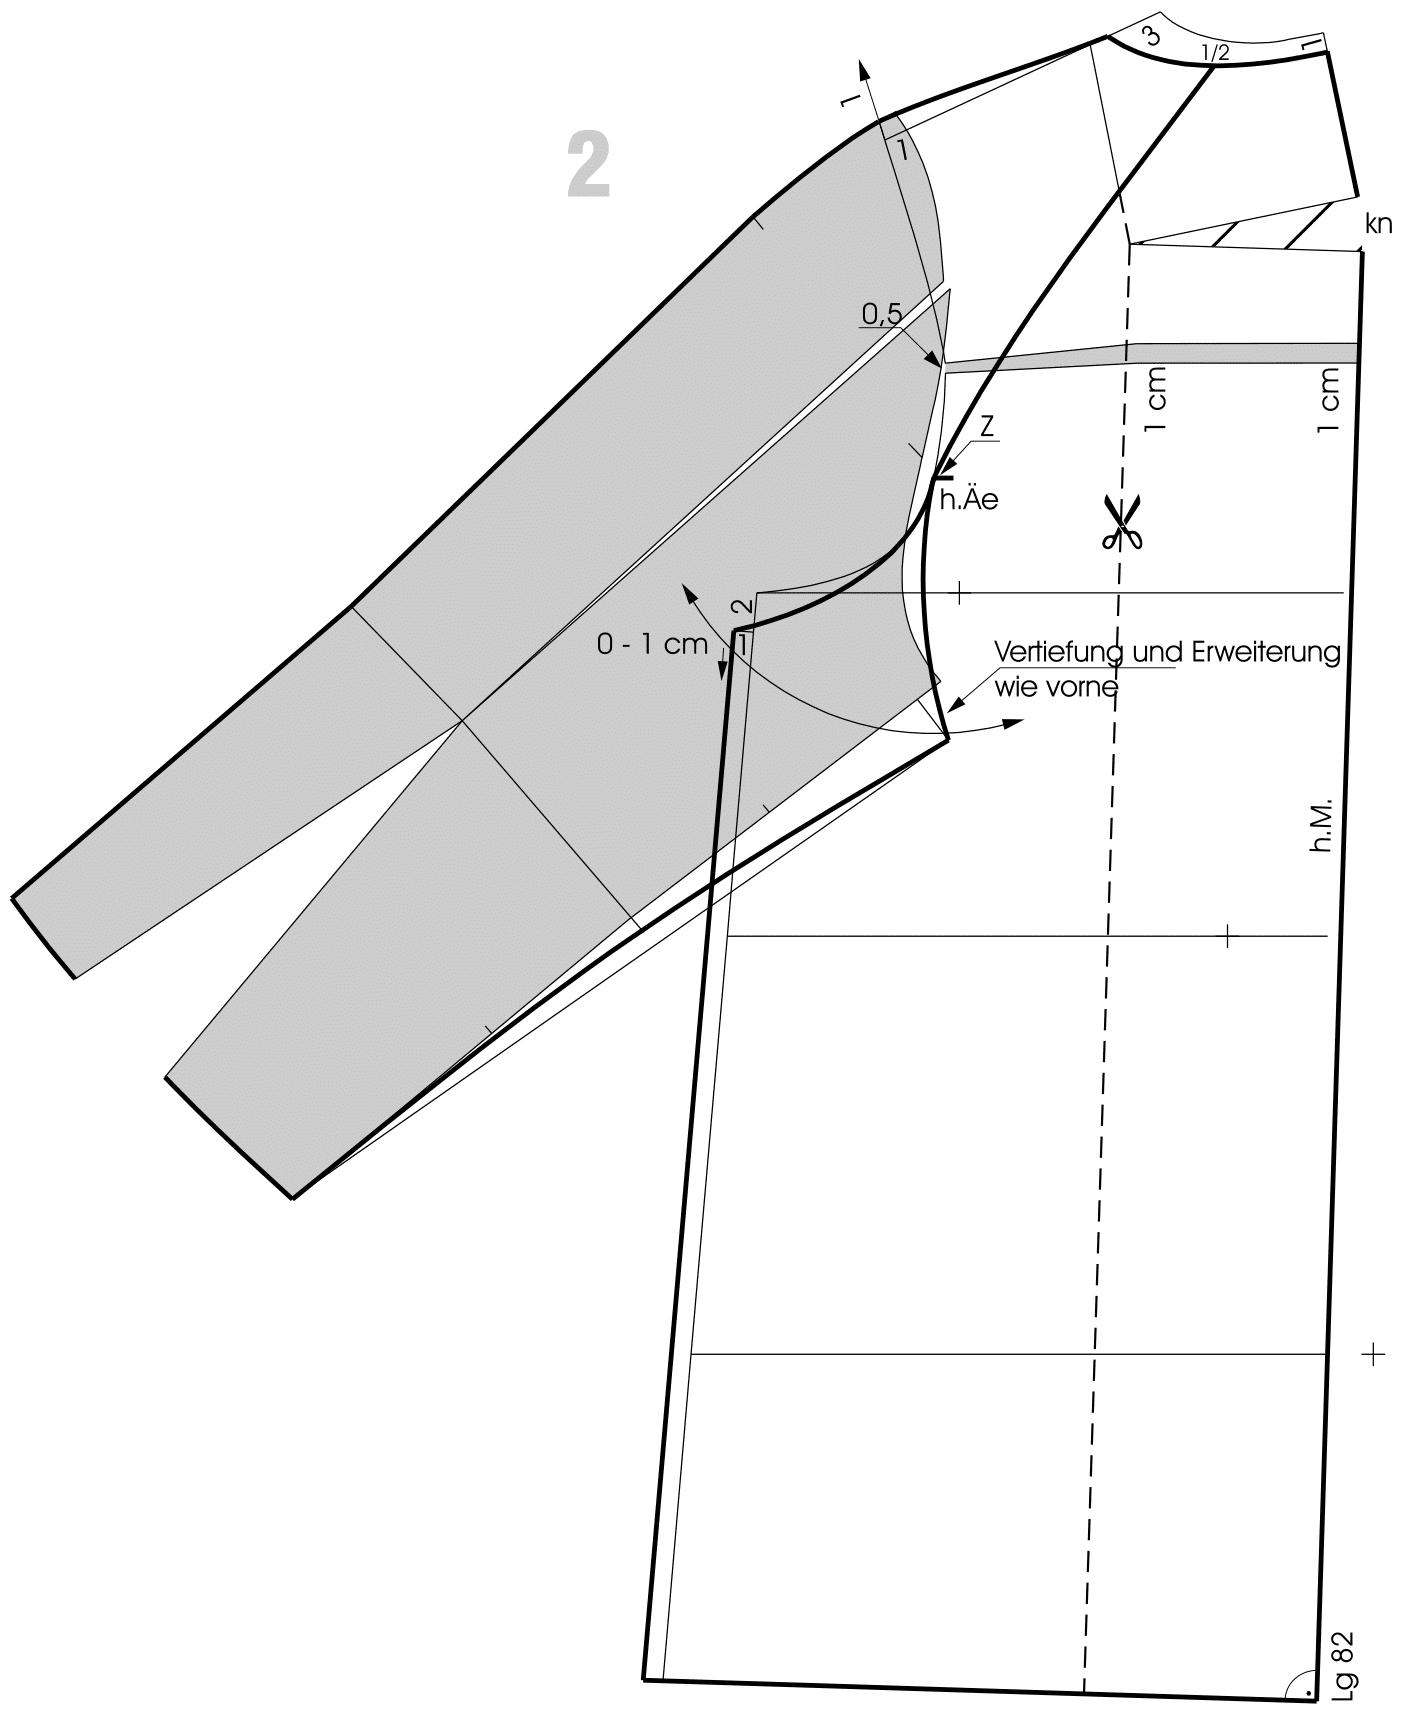 Die Schnittkonstruktion des Rückenteils und Raglanärmels ist zu sehen.